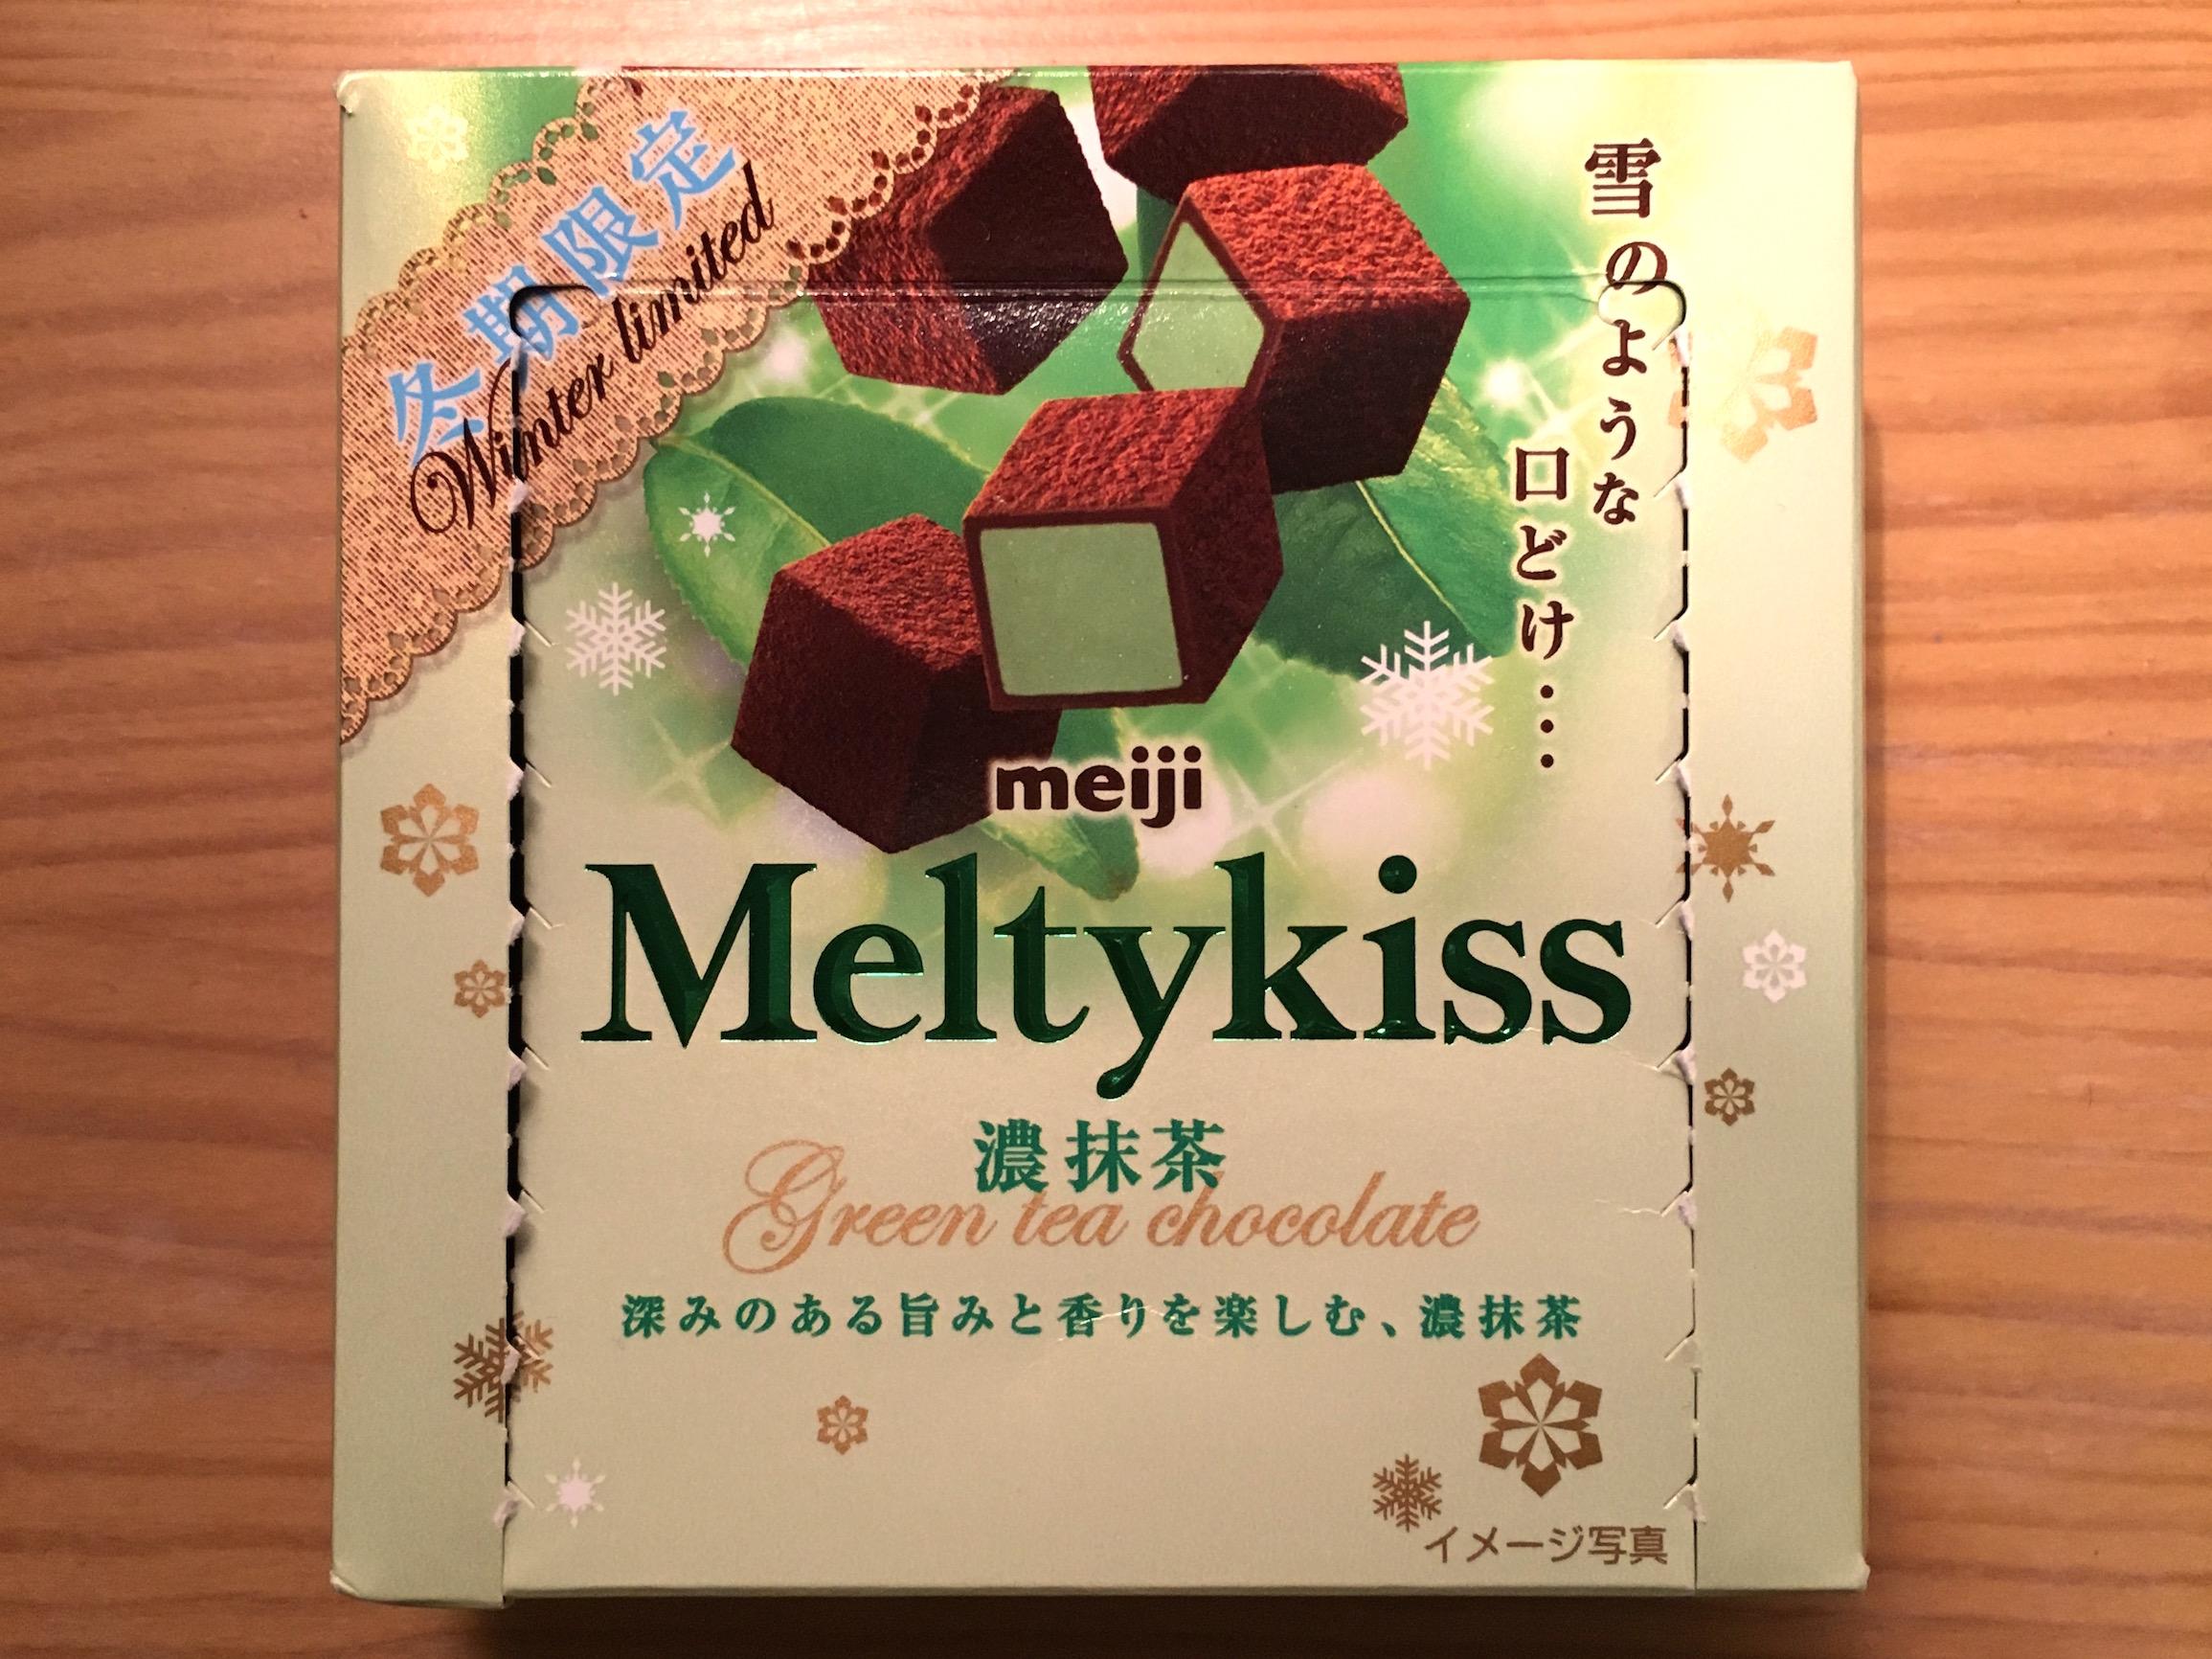 Meltykiss the vert 1